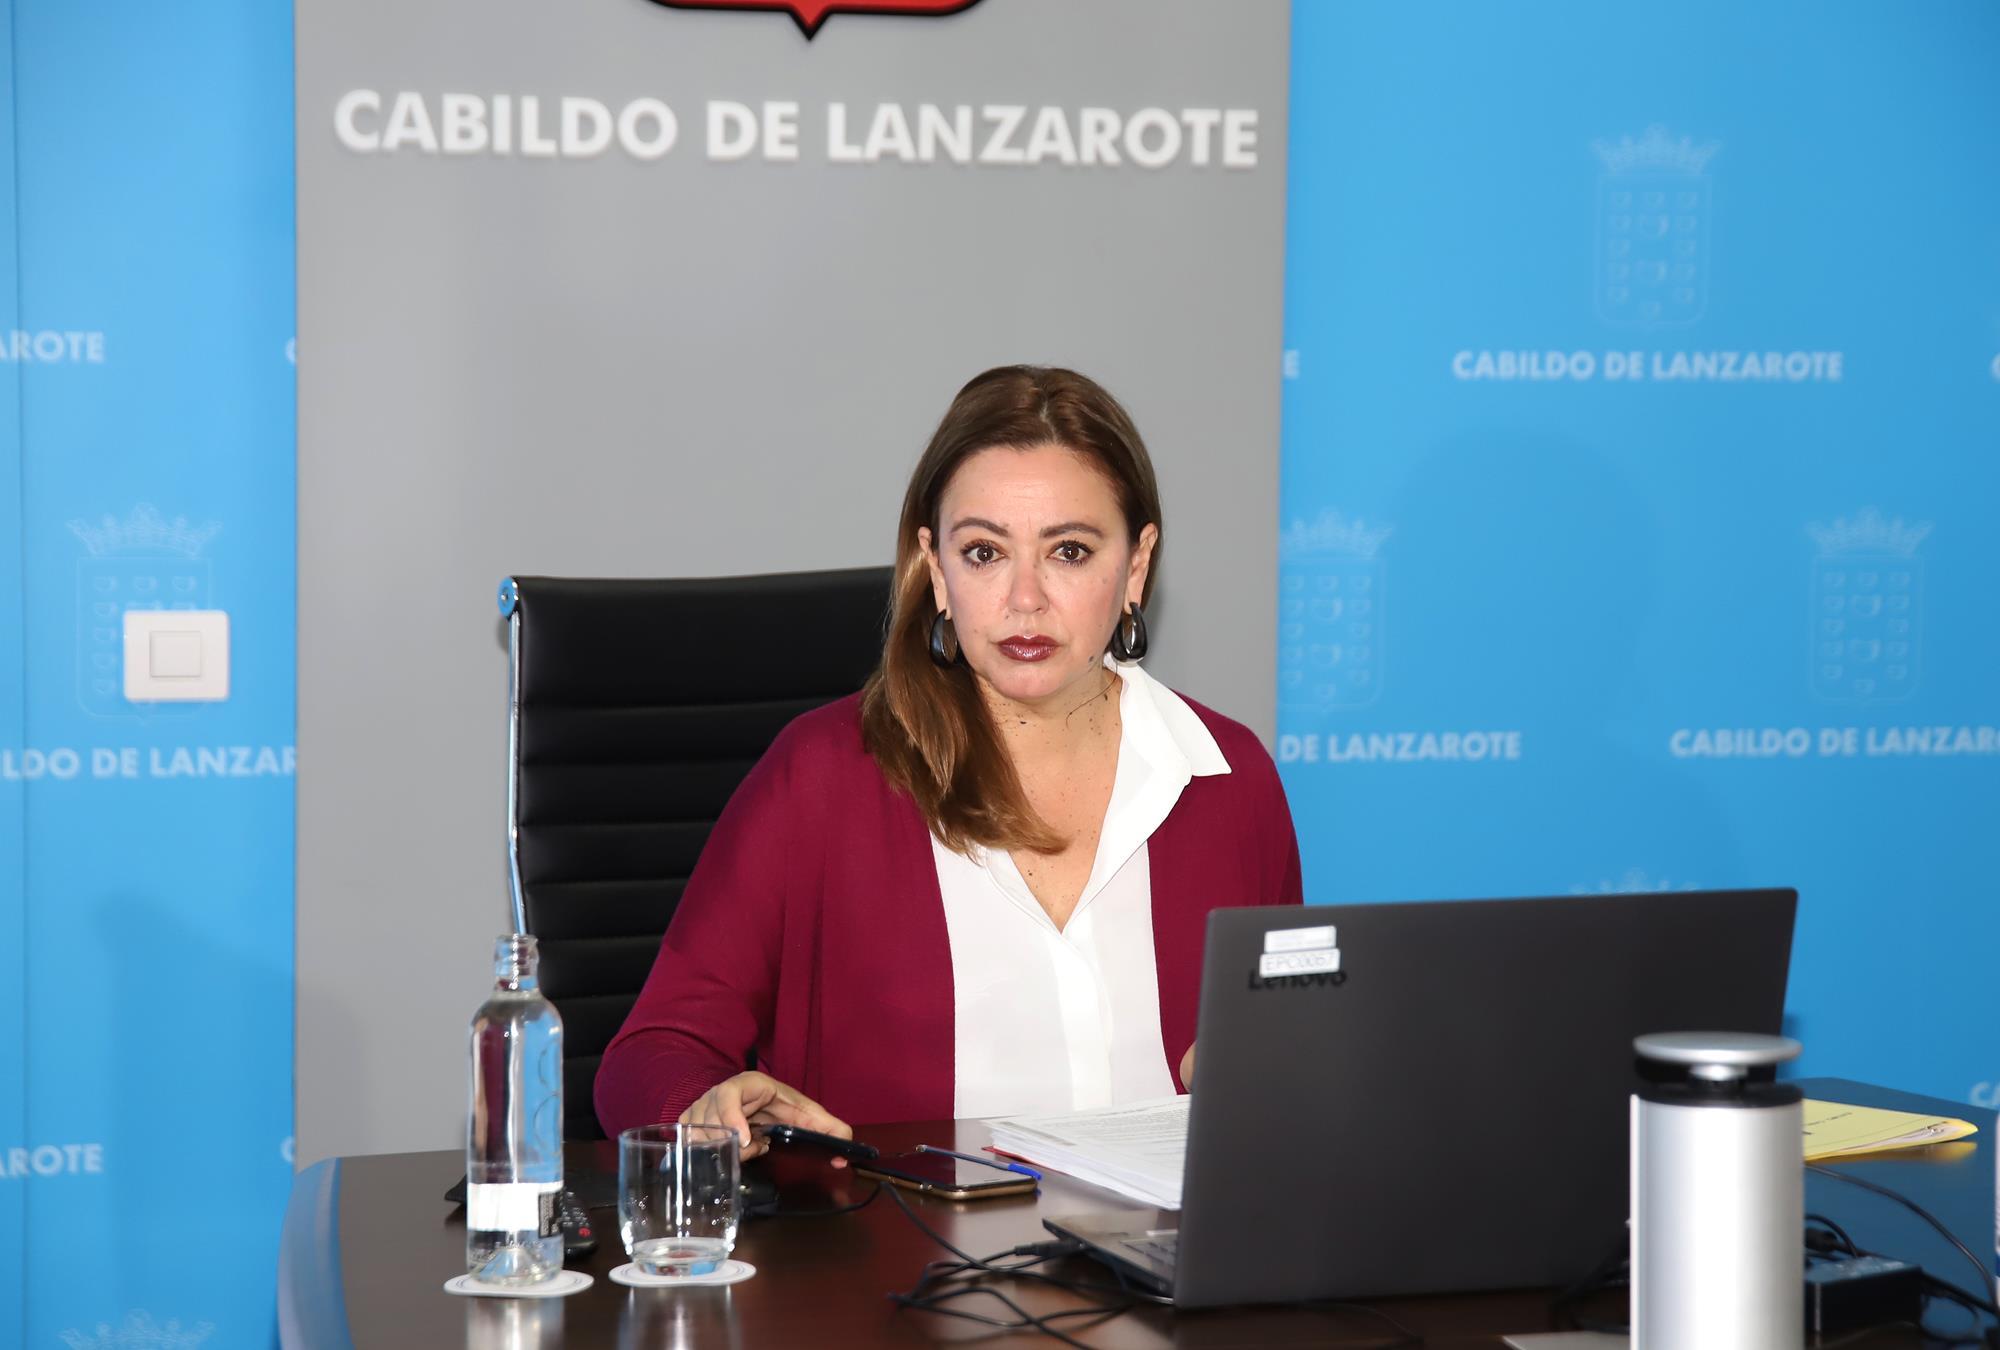 El Cabildo aprueba un plan de ayudas económicas a la formación de jóvenes en situación de vulnerabilidad